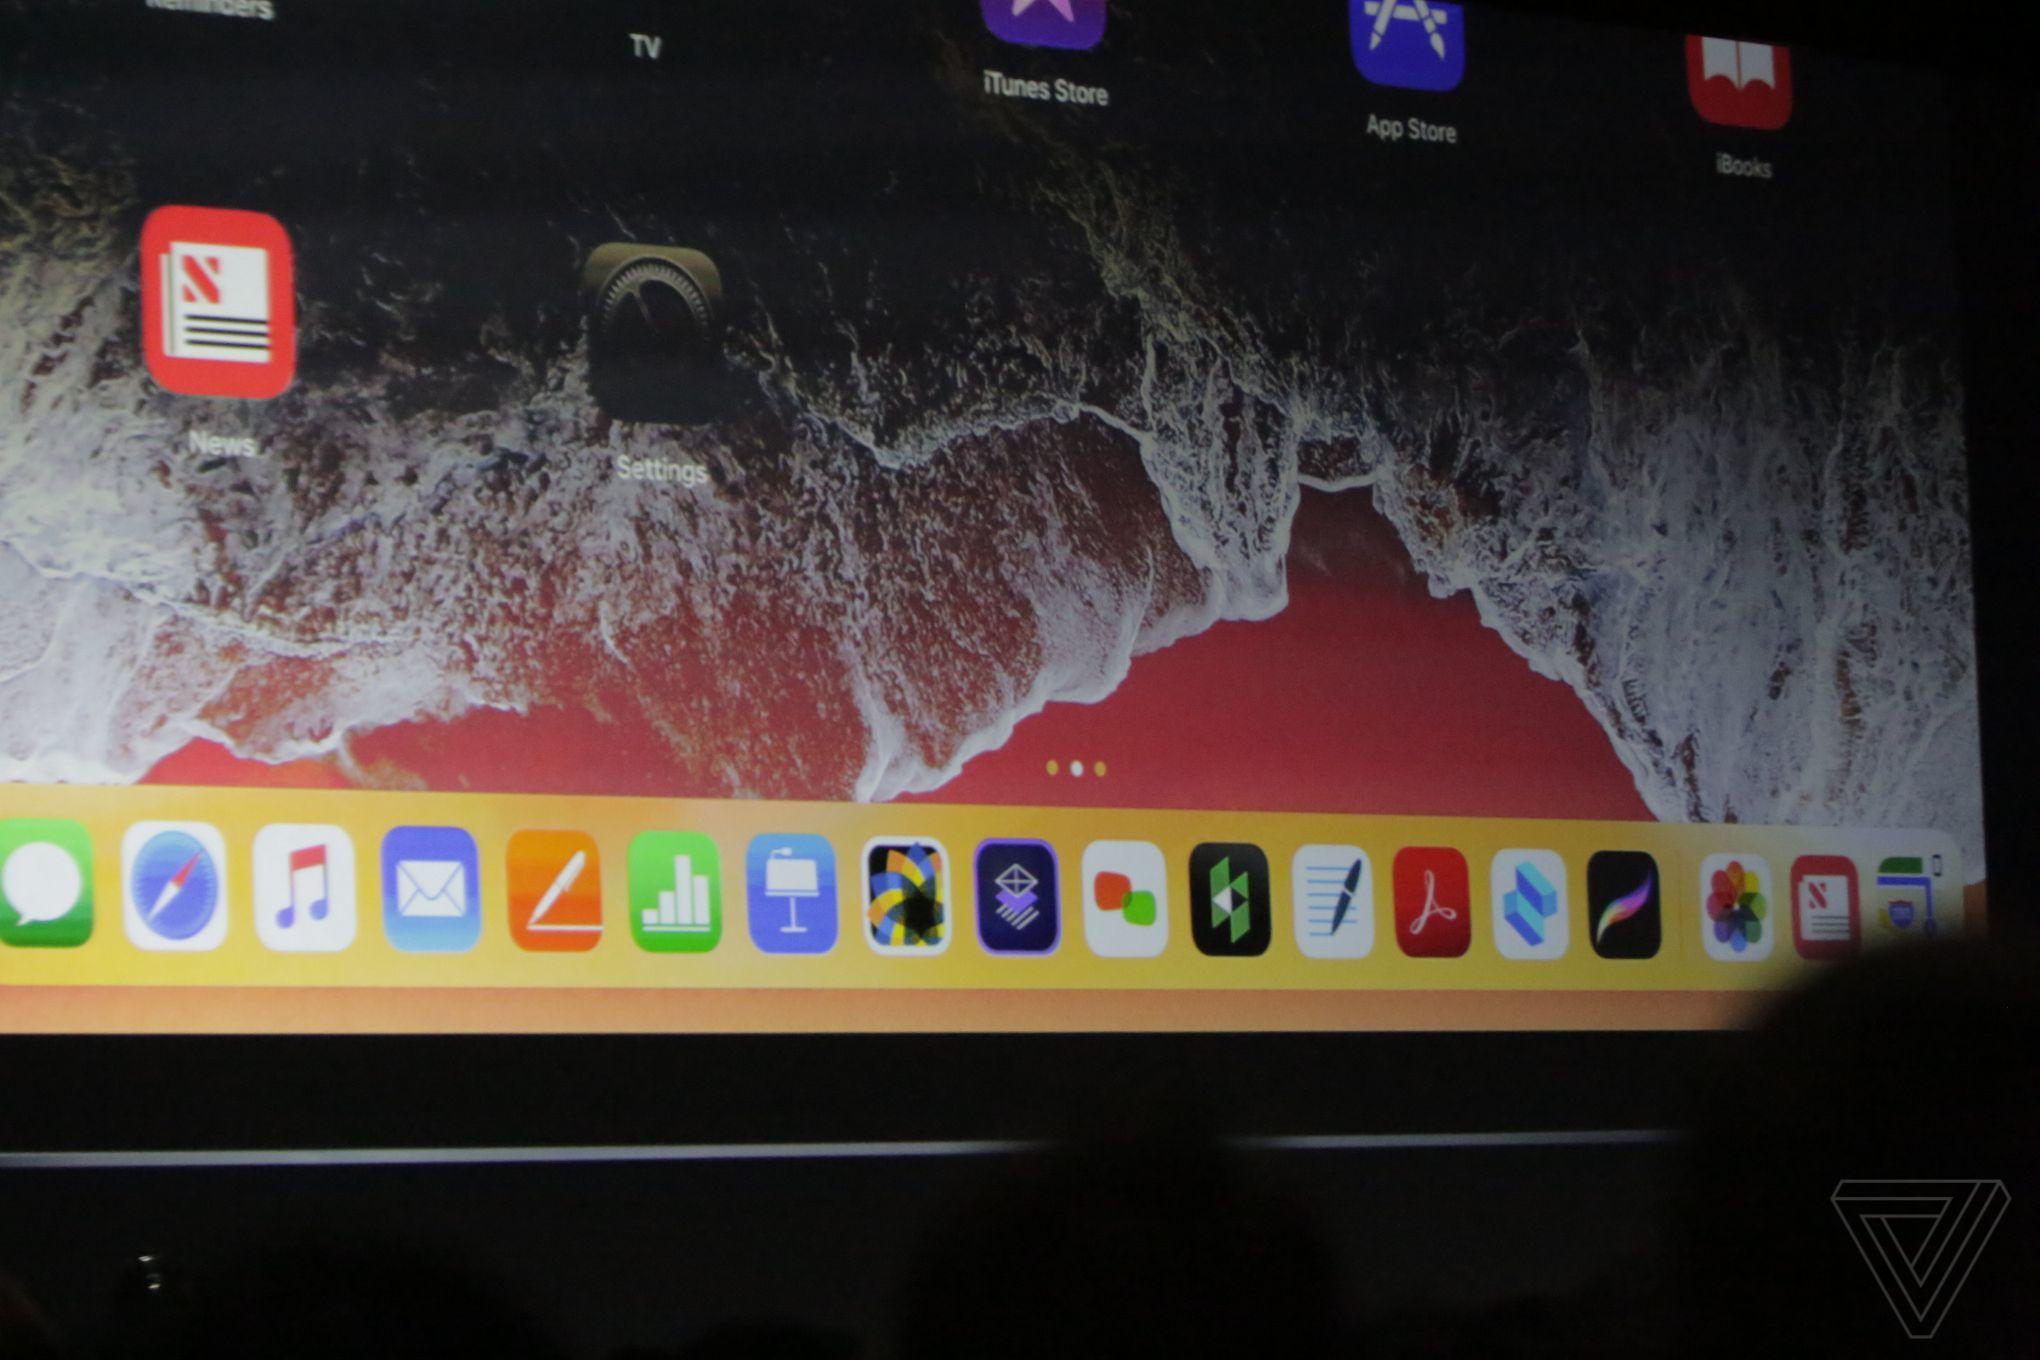 iOS 11 dock ipad